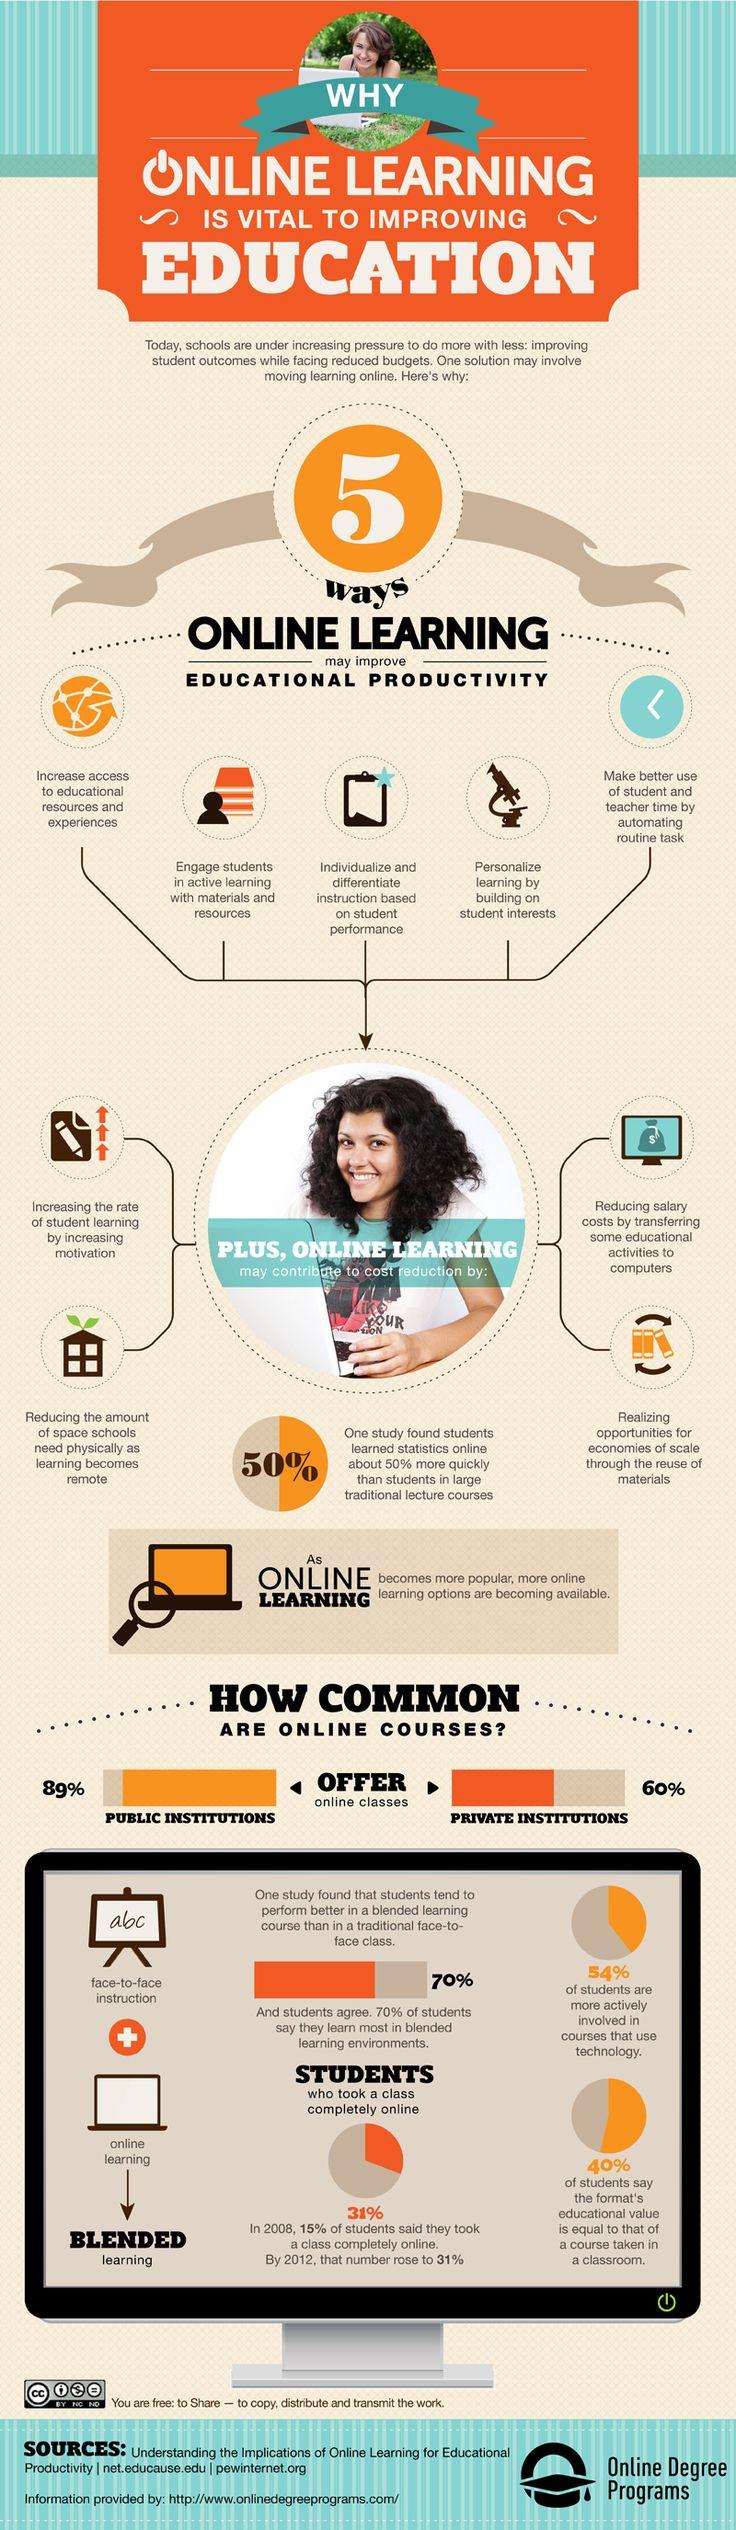 El aprendizaje online mejora la educación . Es producir en la educación,fomentando un recurso progresivo de educación permanente,materiales diversos para asi experimentar la variedad.-